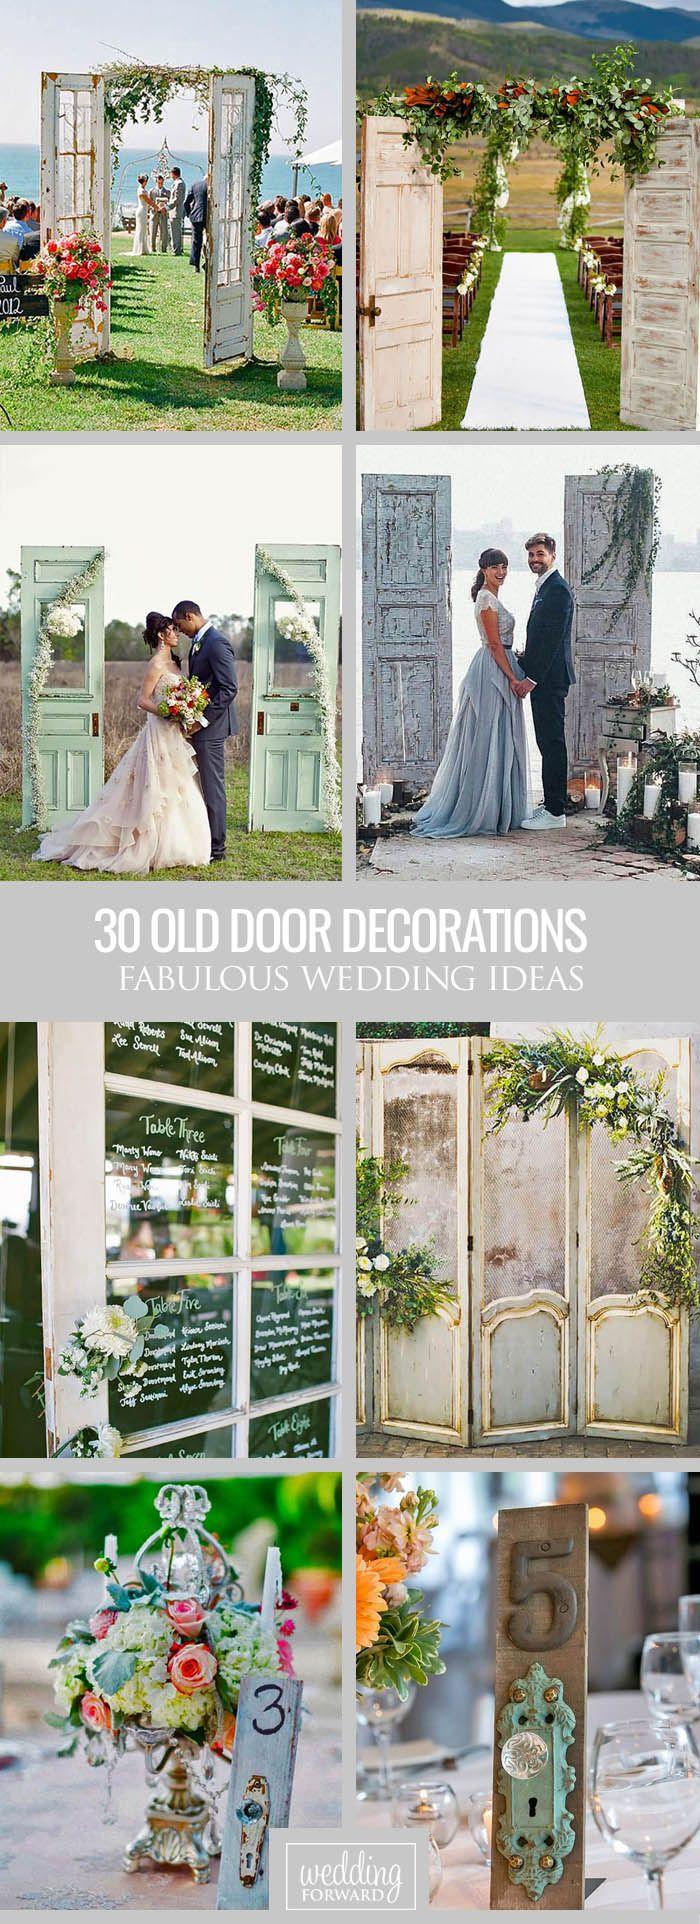 Best 25+ Wedding door decorations ideas on Pinterest ...